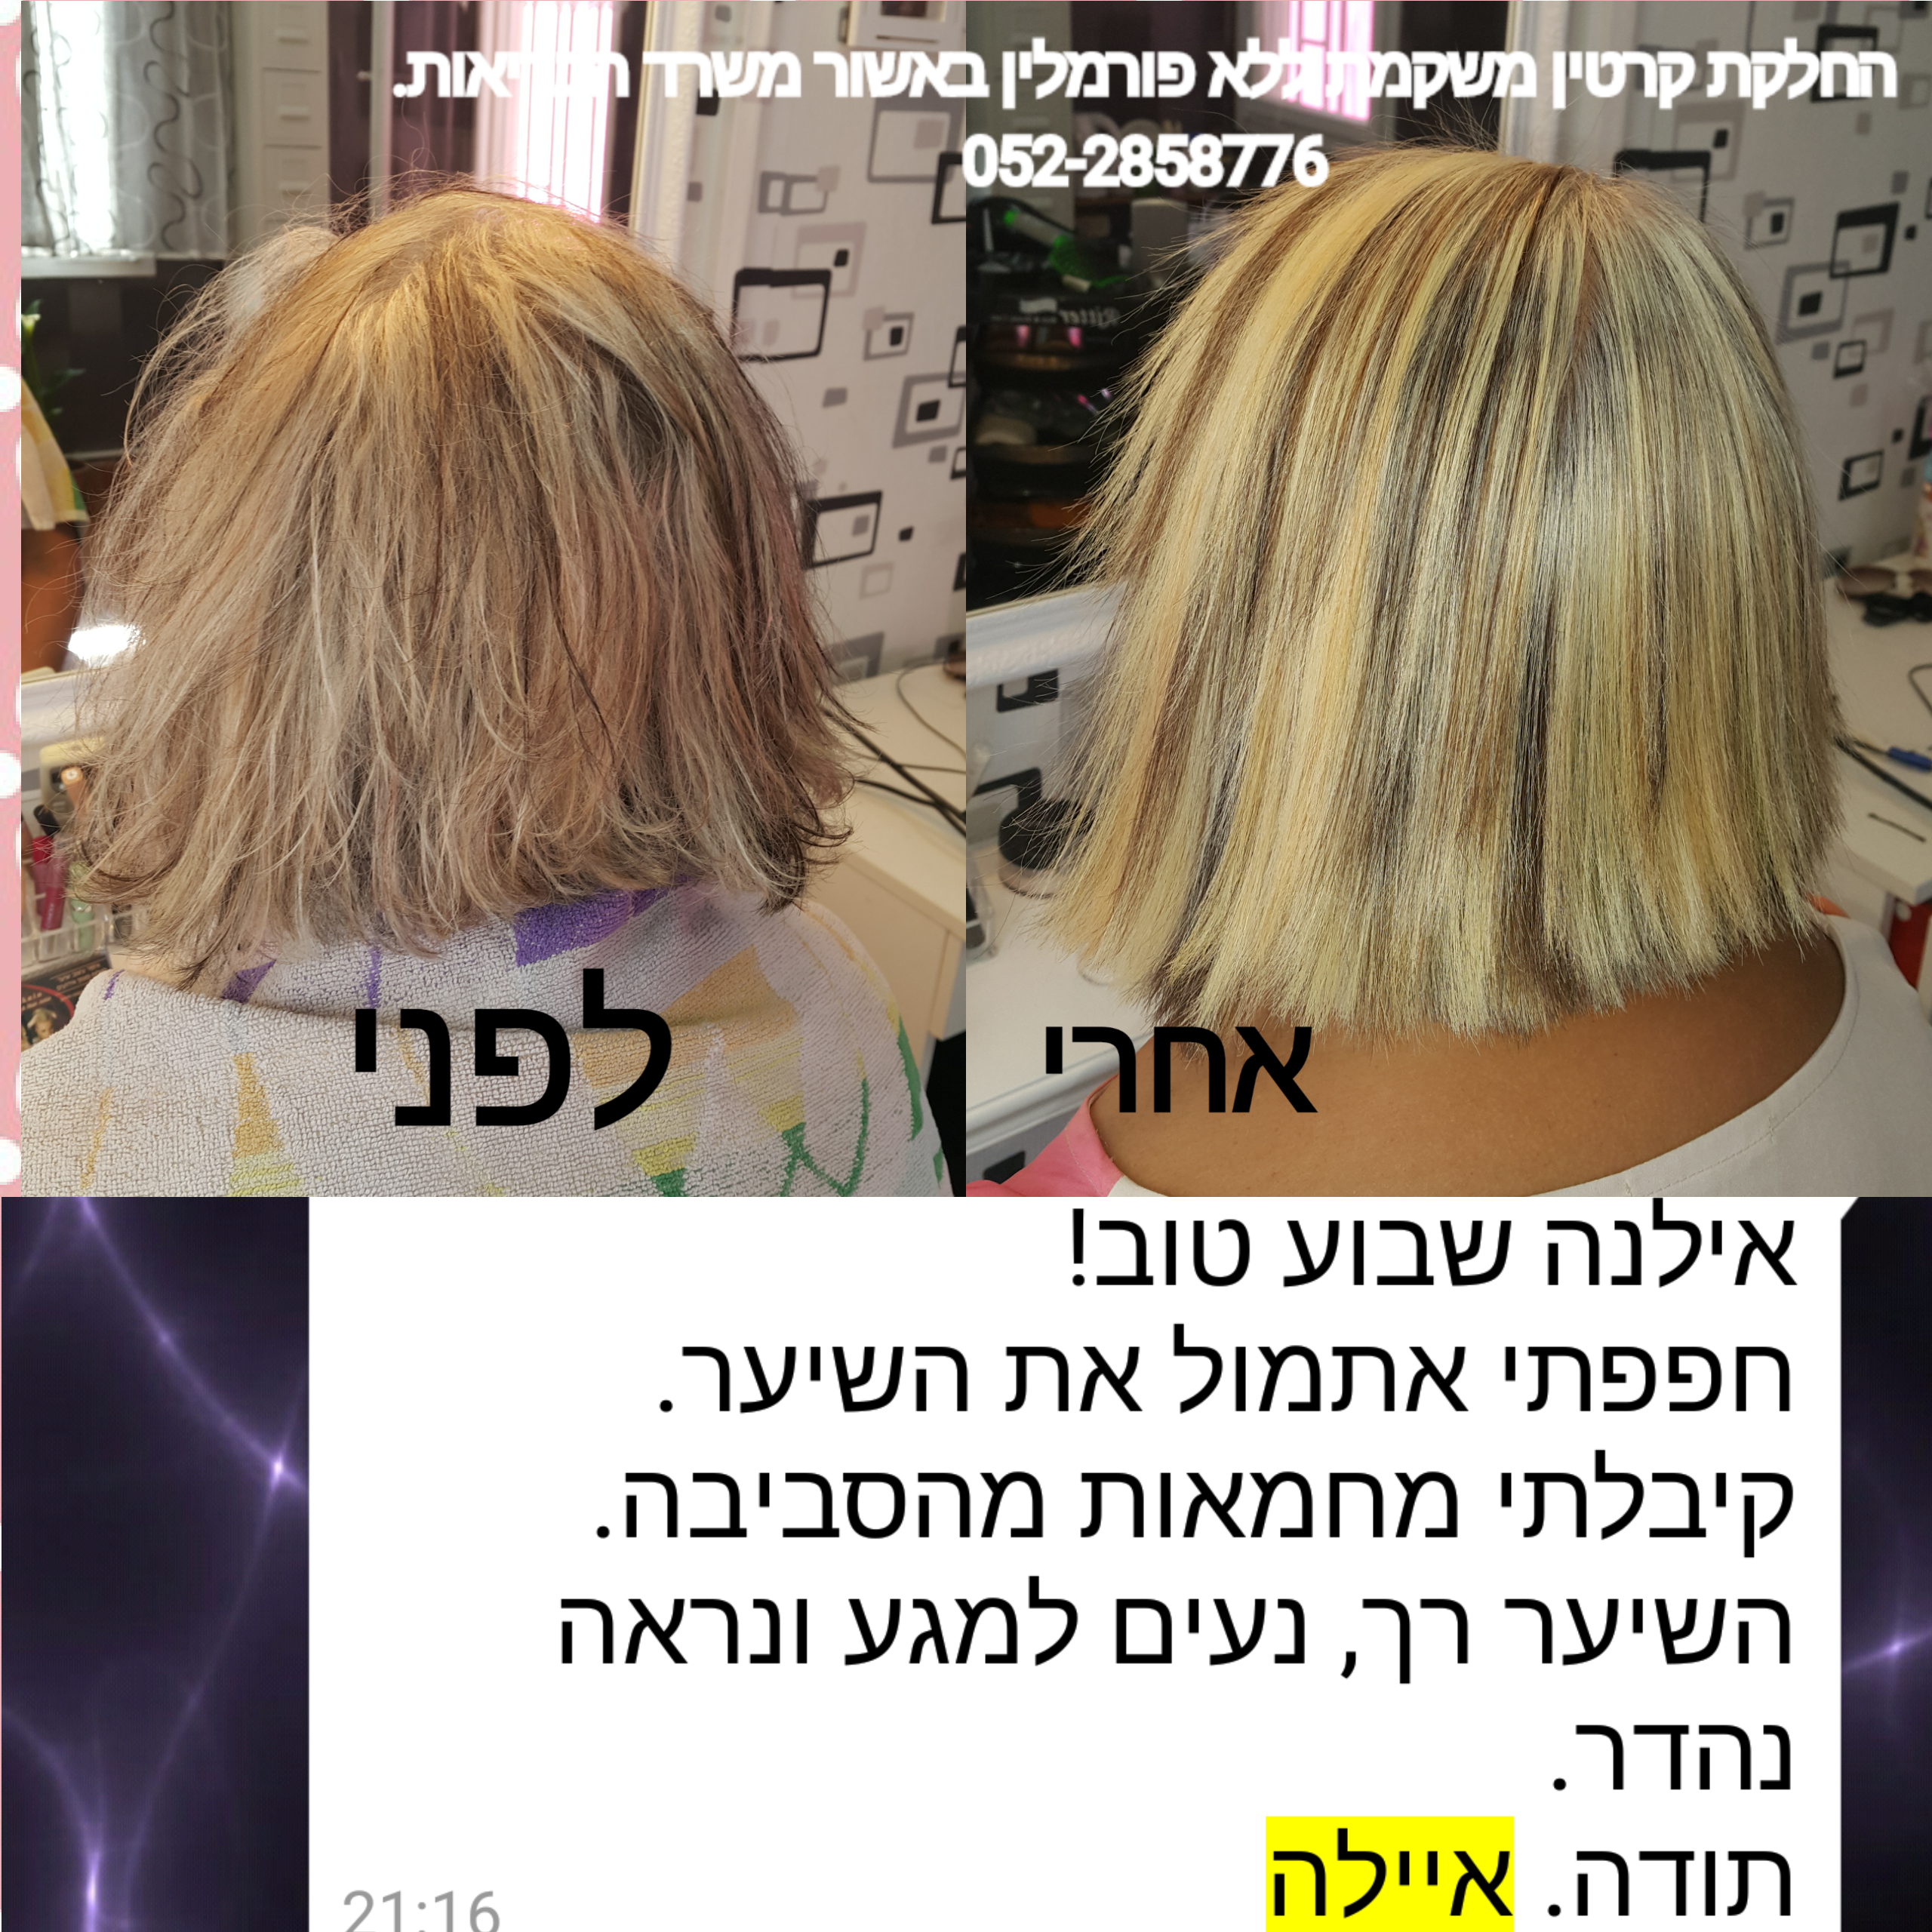 מייצר קולאג' תמונות_nrIk0C (1)